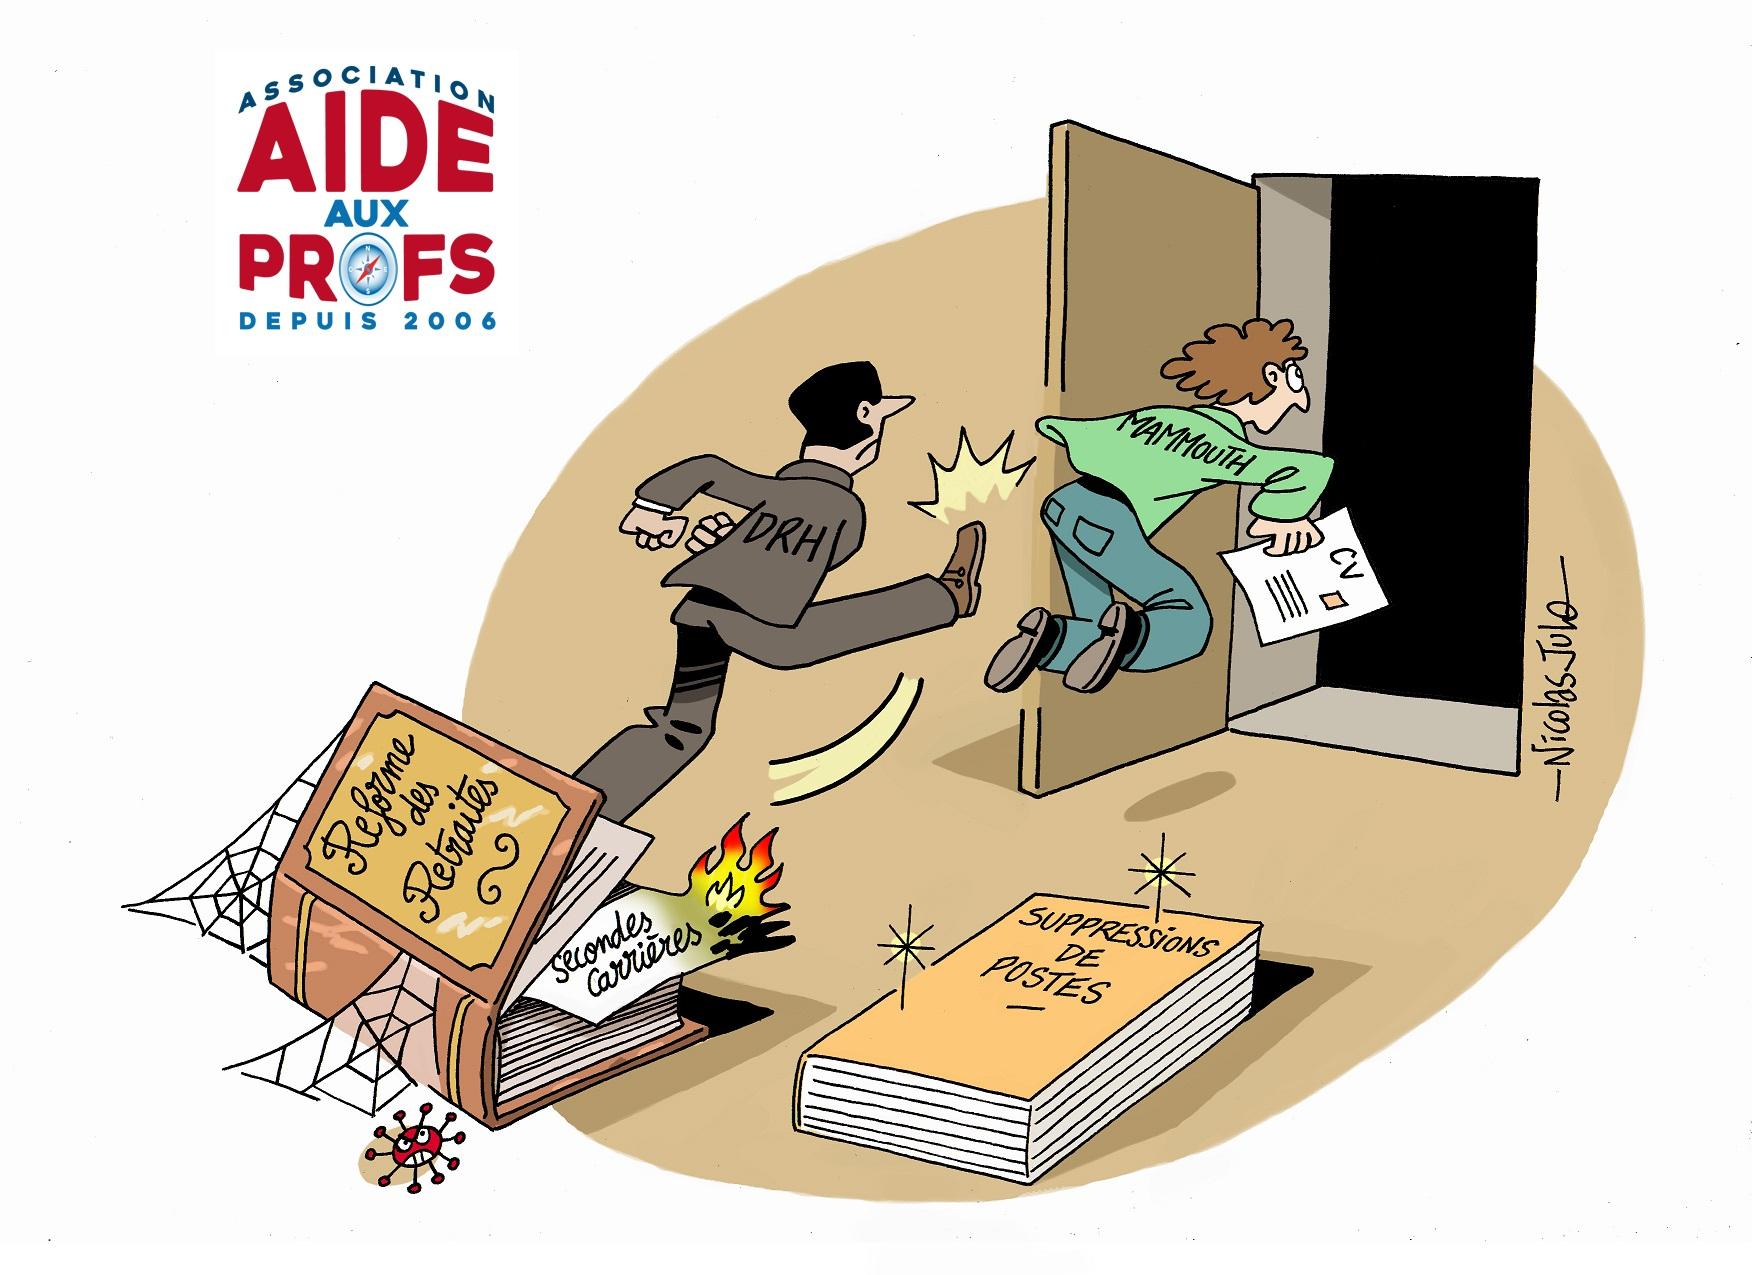 AIDE AUX PROFS cesse d'accompagner les Ruptures Conventionnelles